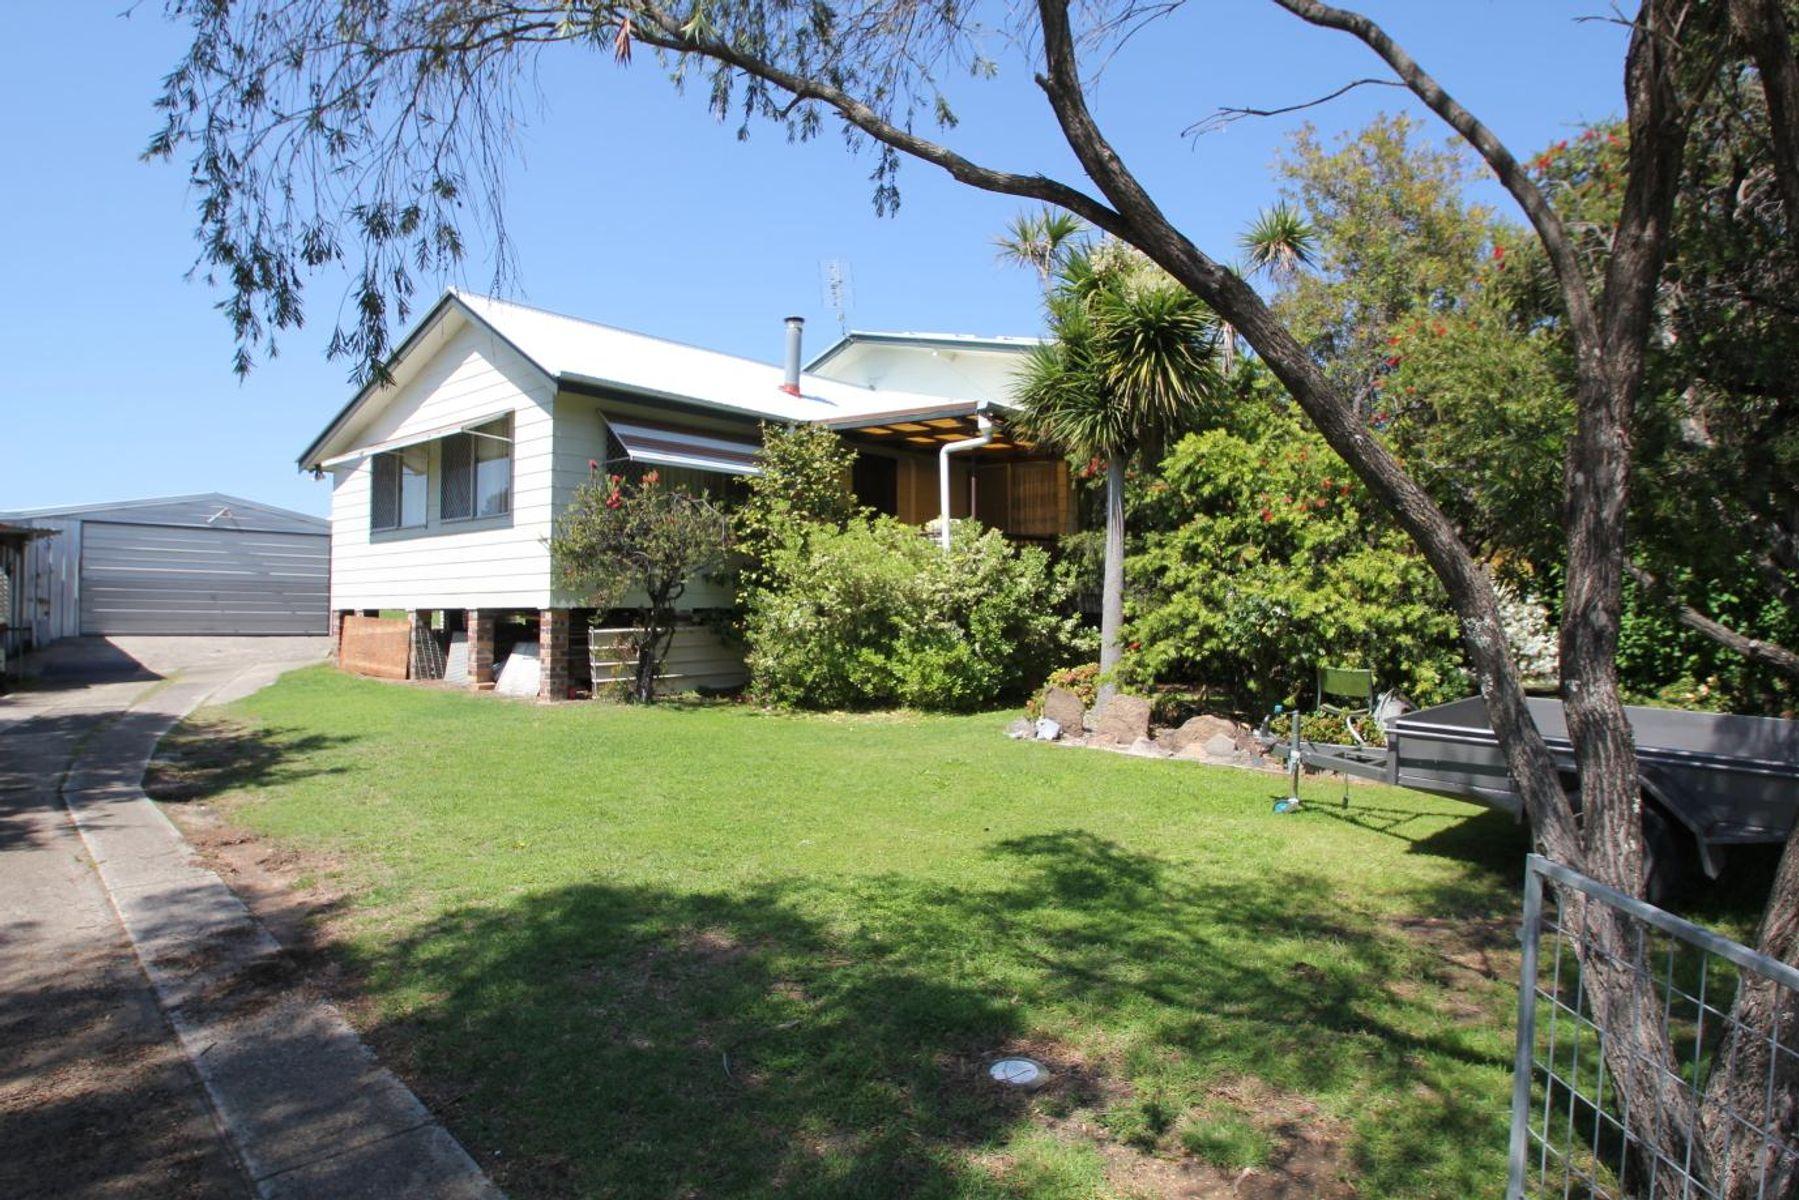 61 Rayleigh Street, Wallangarra, QLD 4383